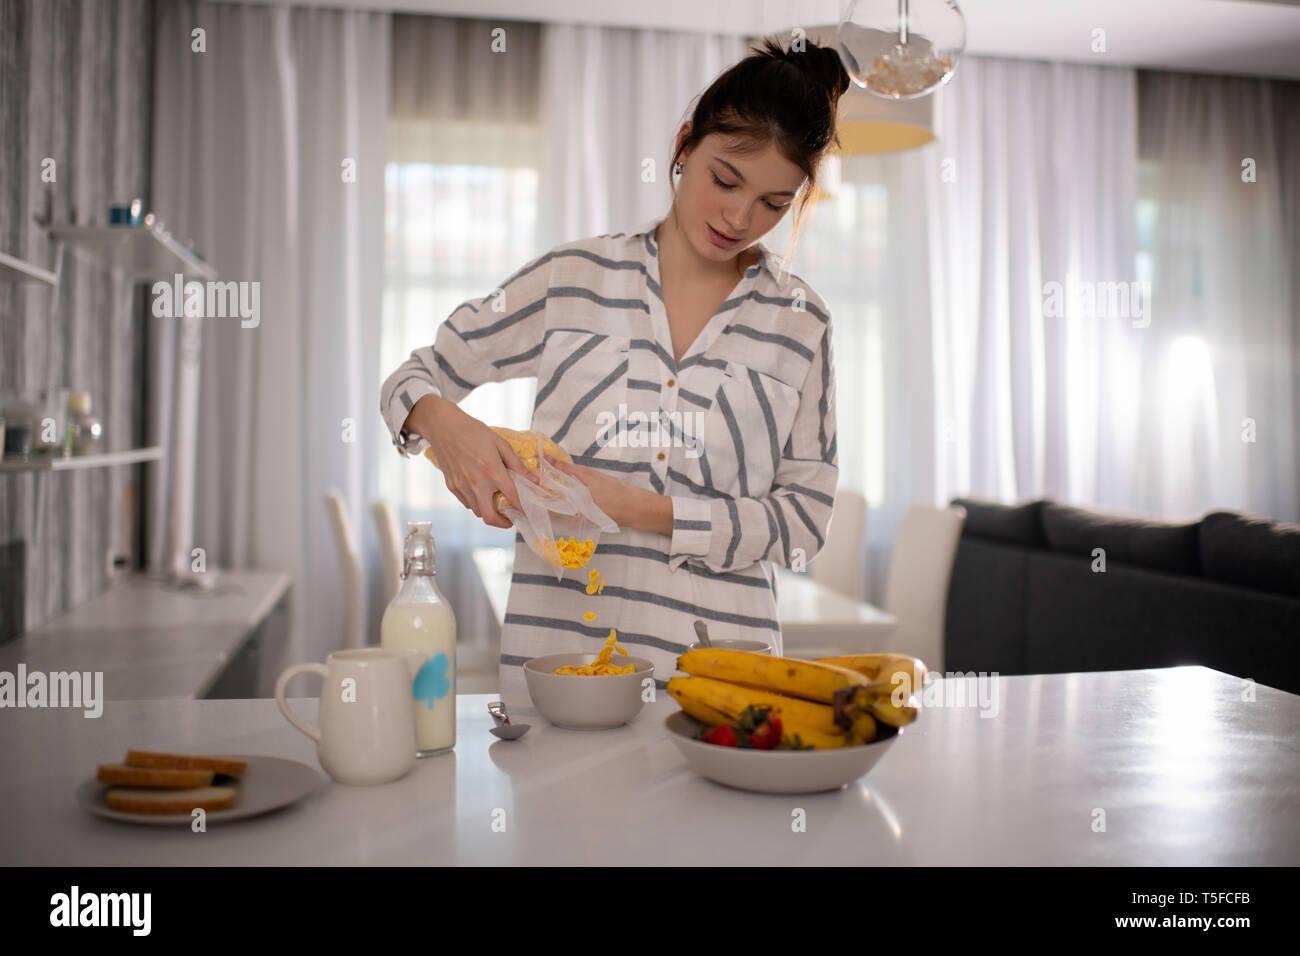 Woman In Sleepwear Preparing Breakfast at her home - Stock Image